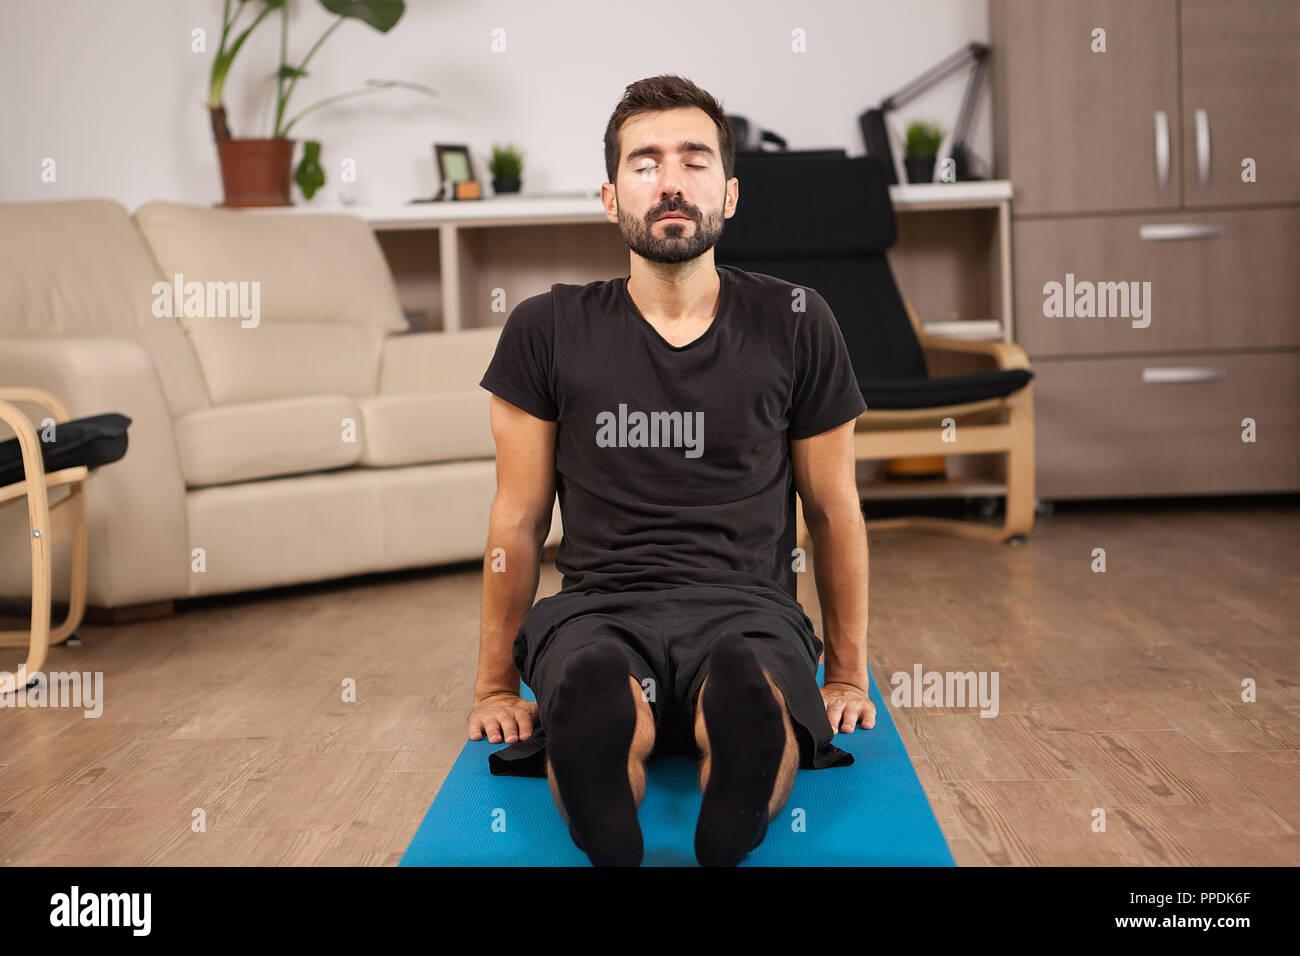 Fußboden Ideen Yoga ~ Junger mann sitzen auf dem boden tun paschimottanasana yoga dar